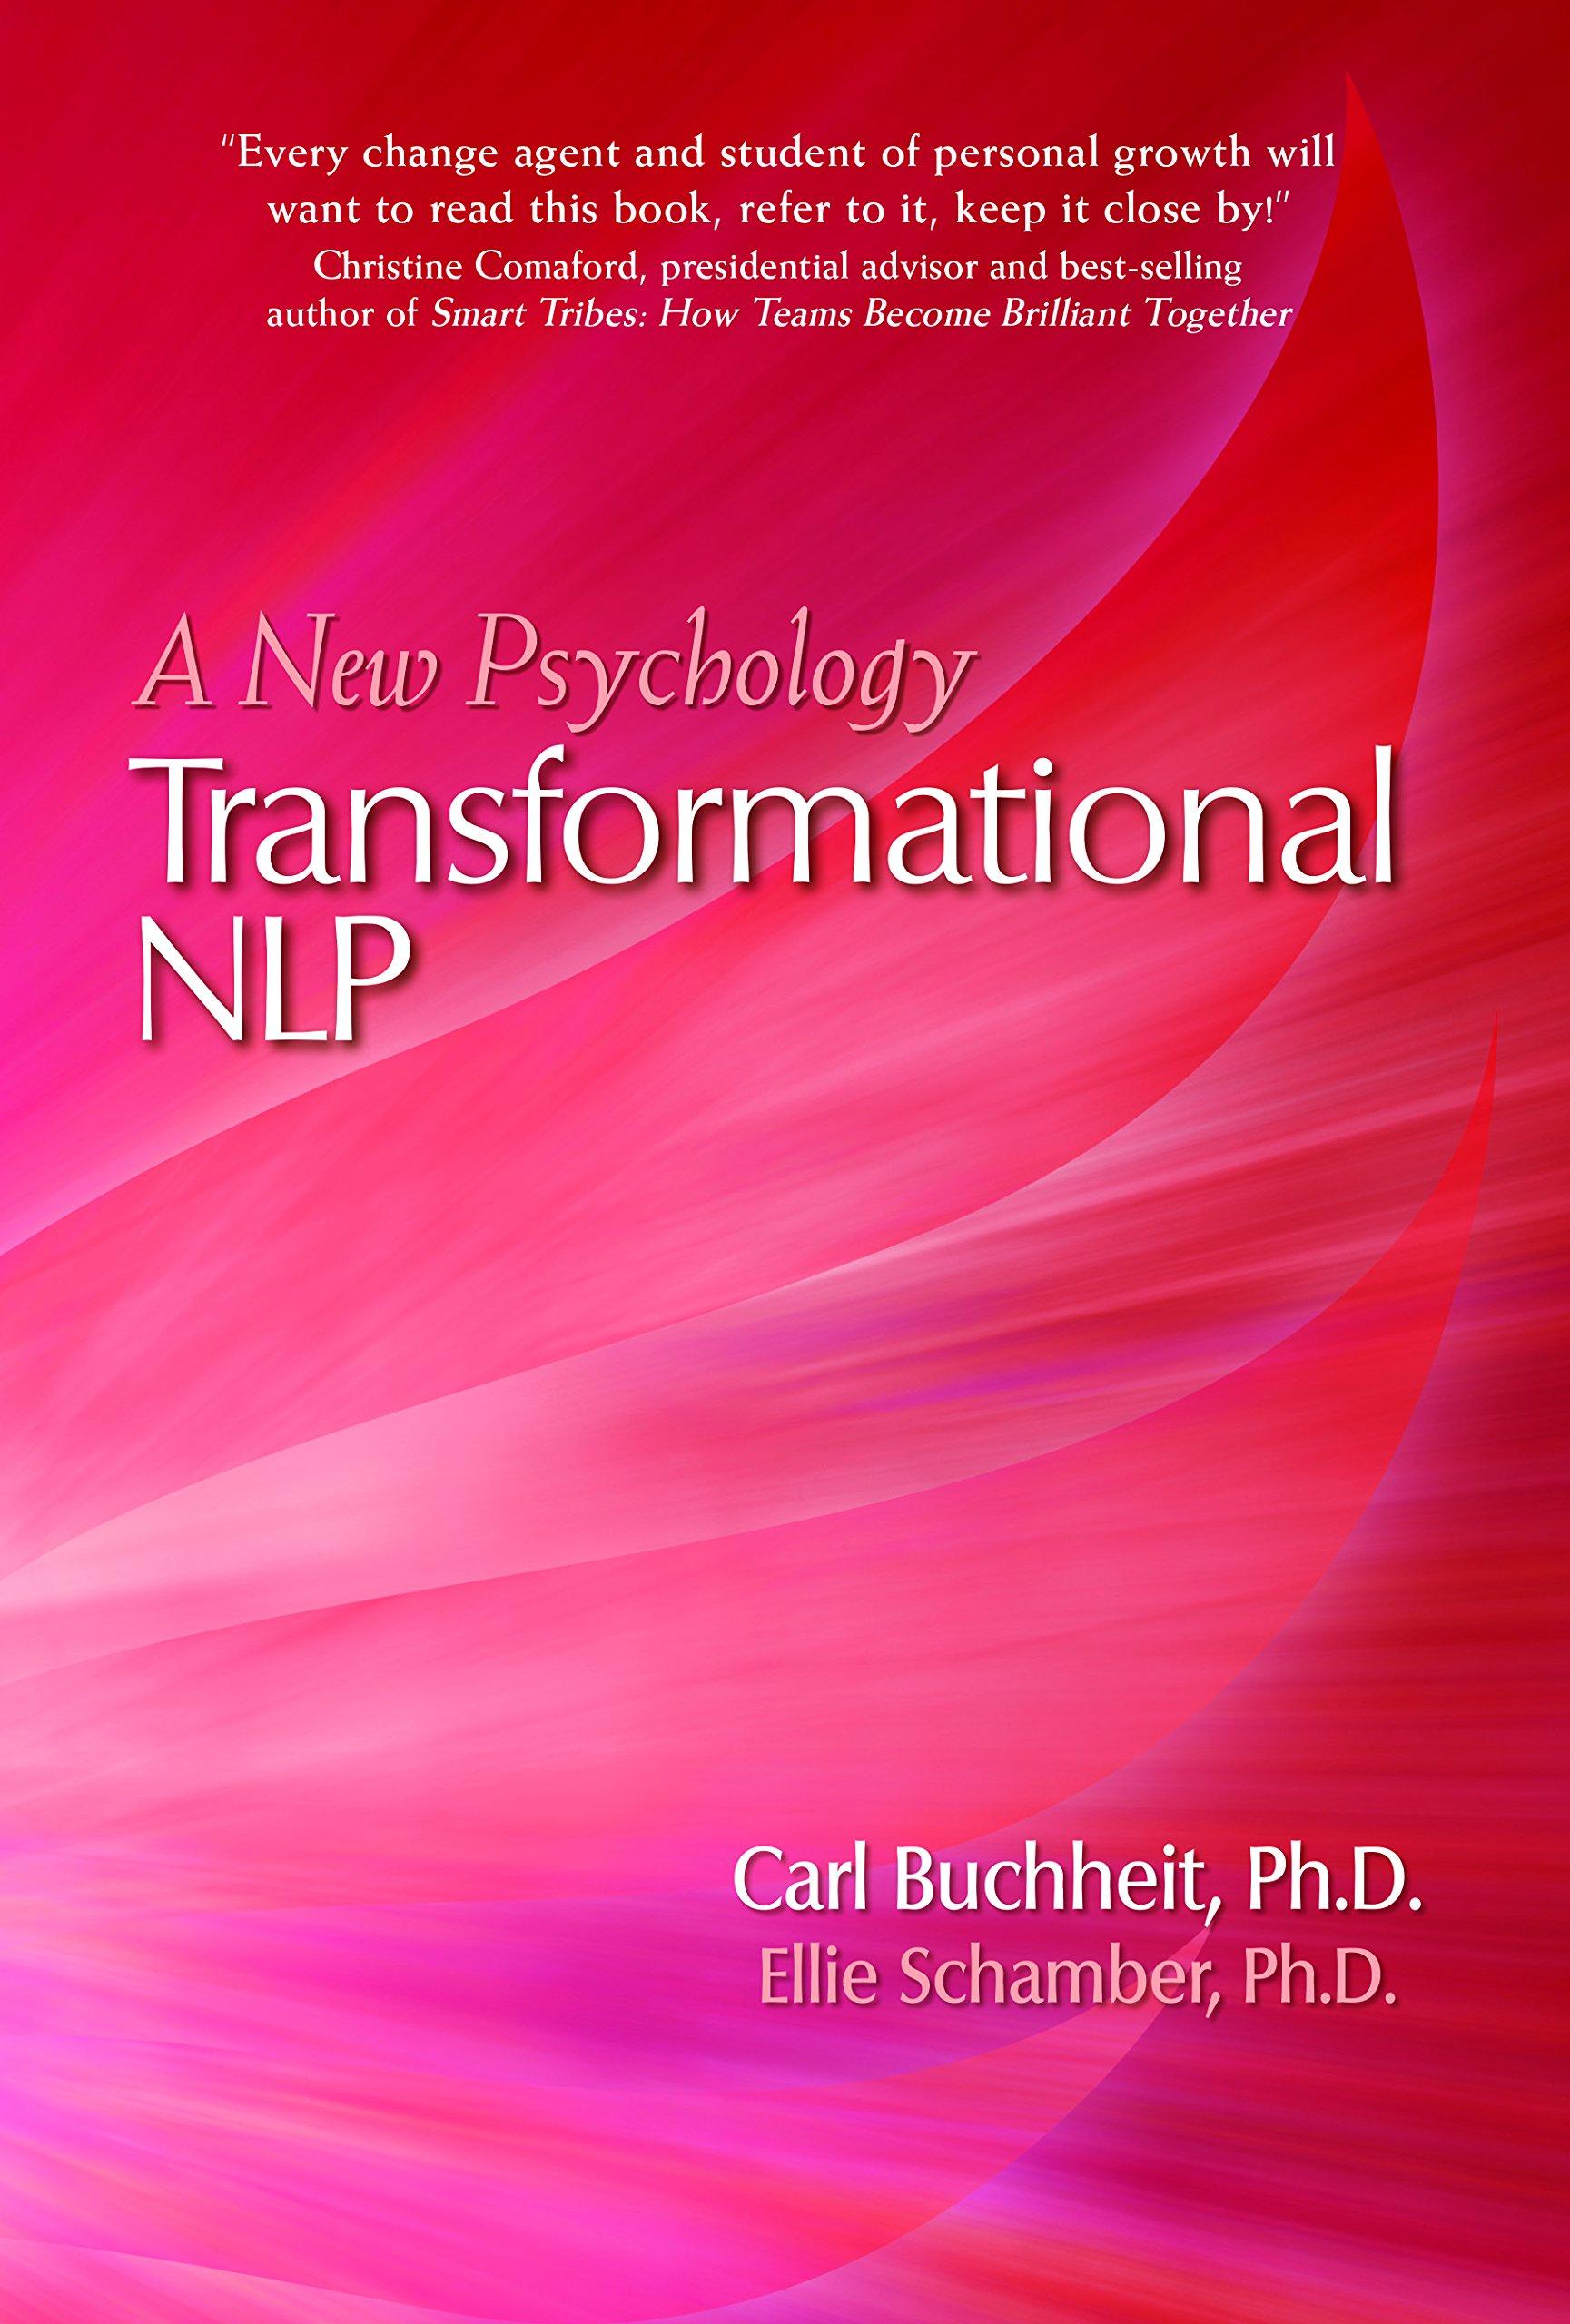 Transformational NLP: A New Psychology: Carl Buchheit Ph.D., Ellie Schamber  Ph.D.: 9781940468518: Amazon.com: Books